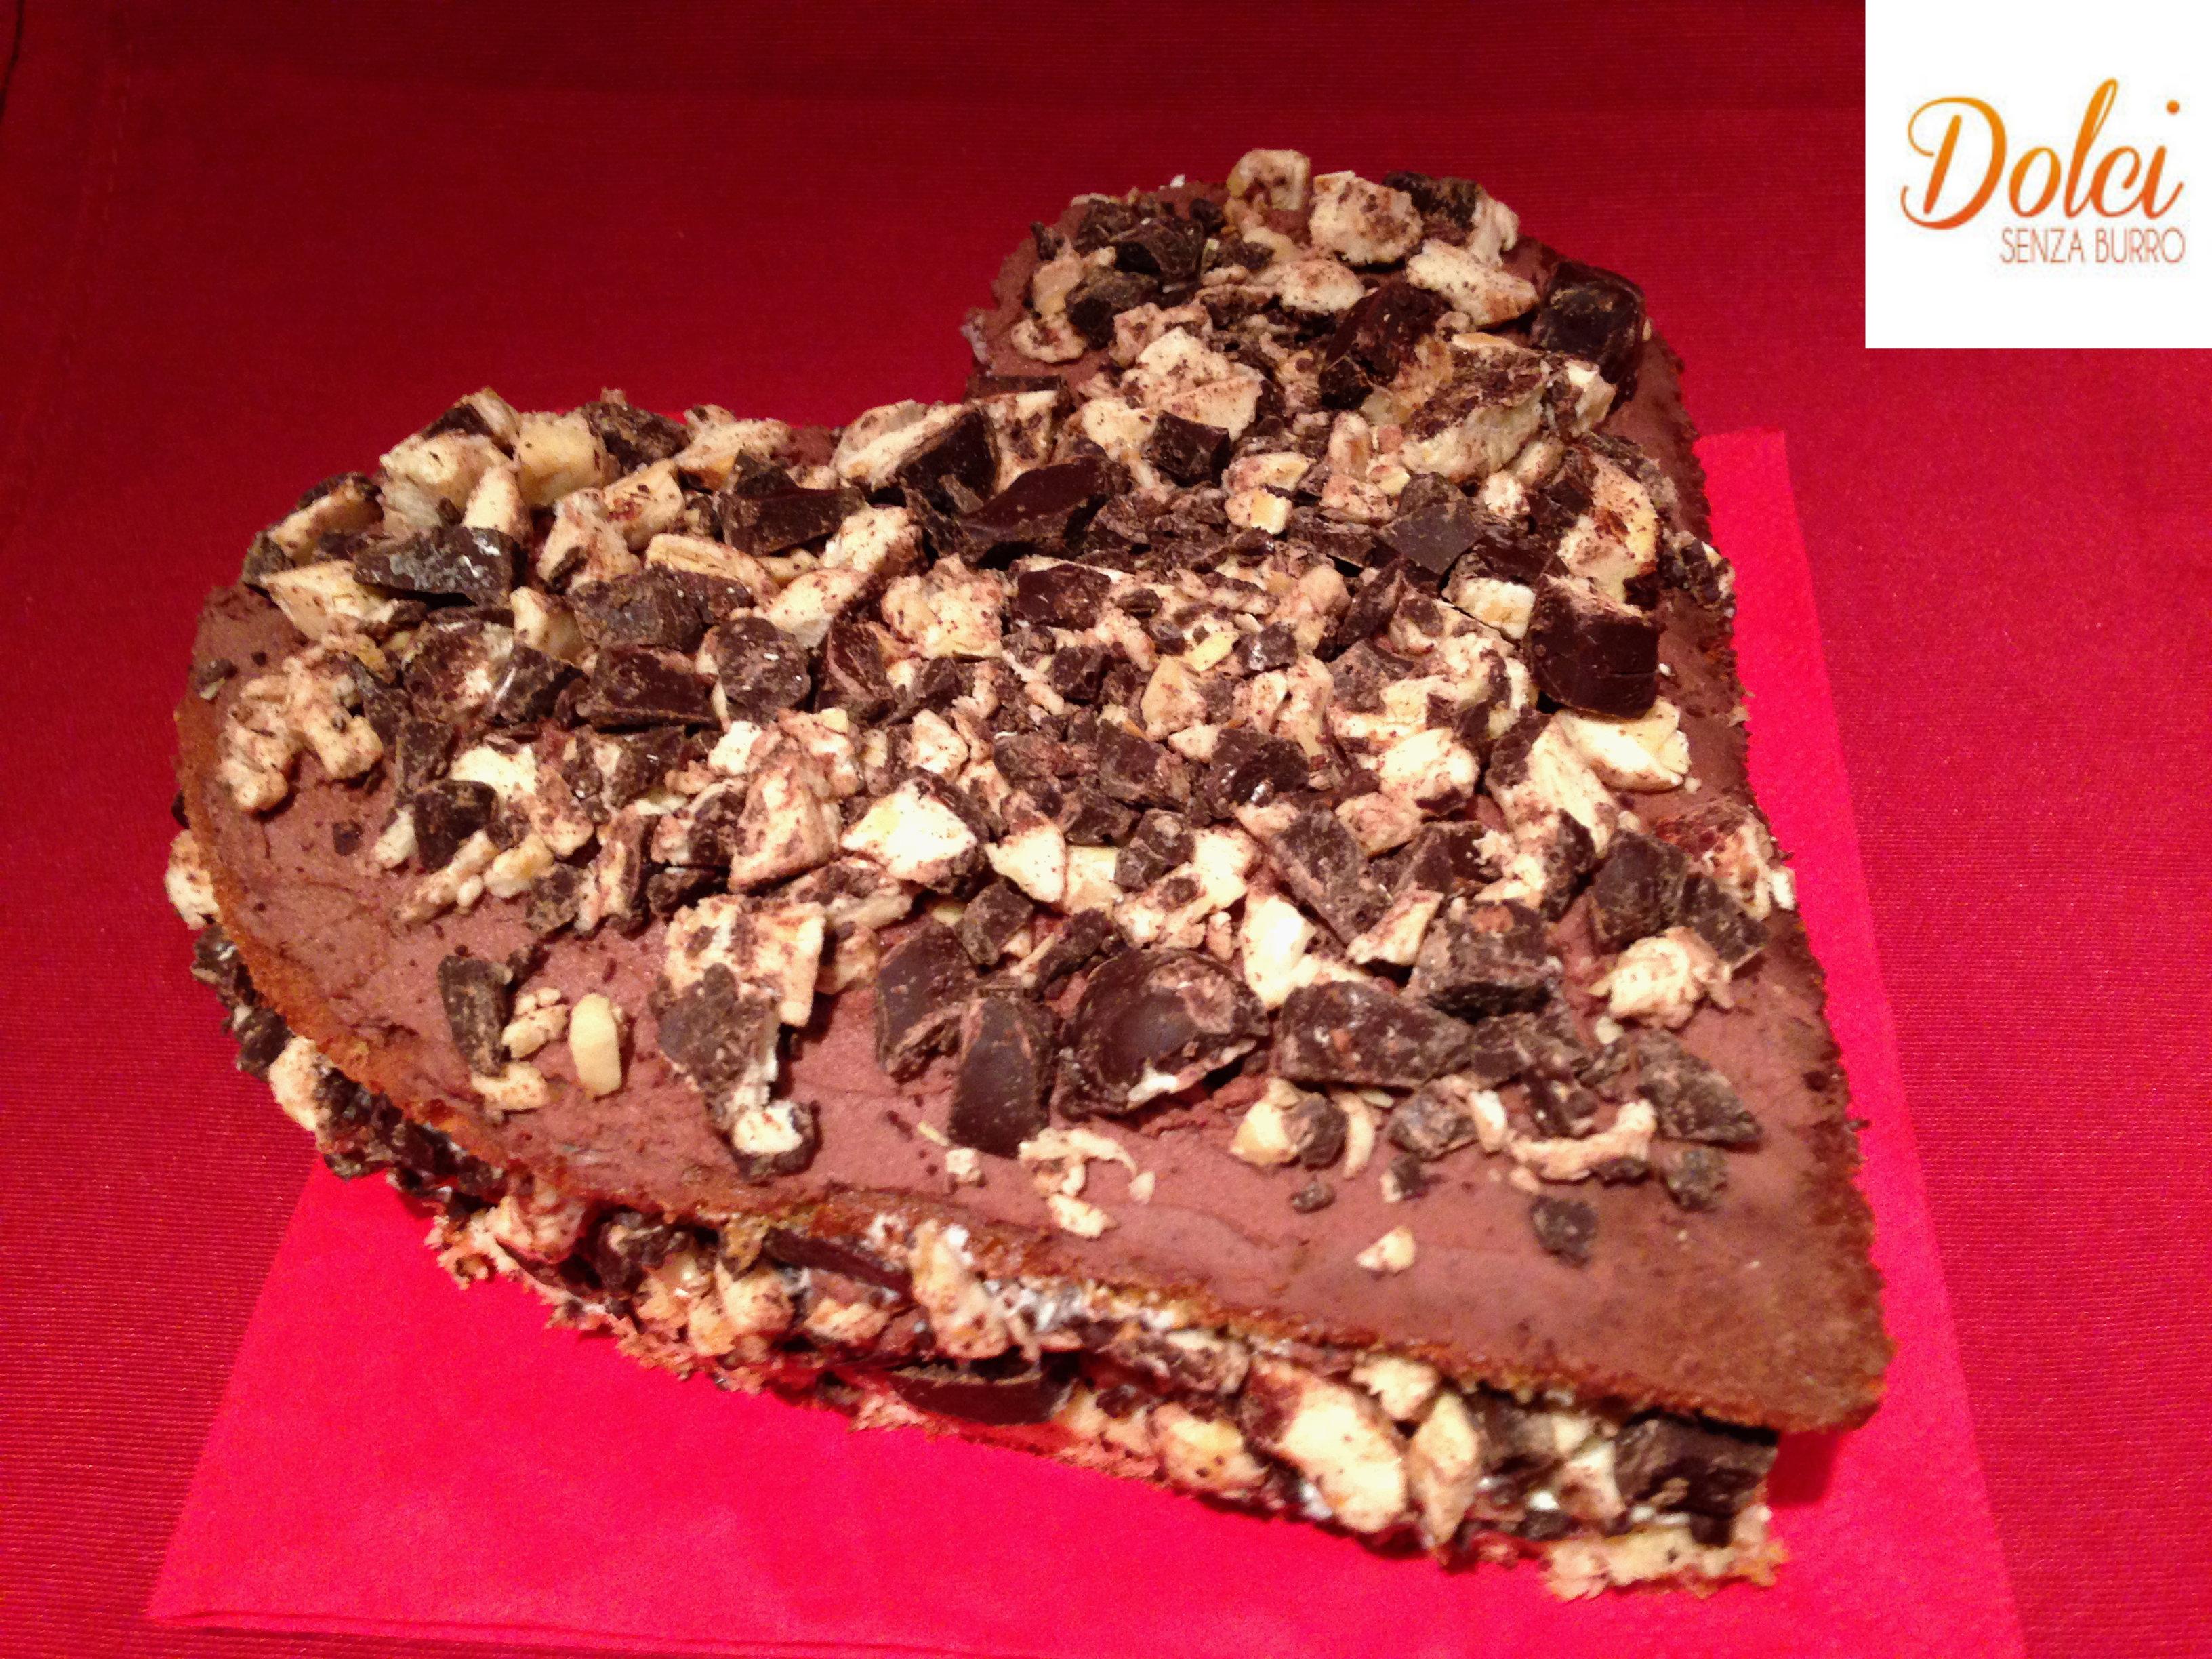 Torta di San Valentino Senza Burro, il dolce pieno di amore di dolci senza burro